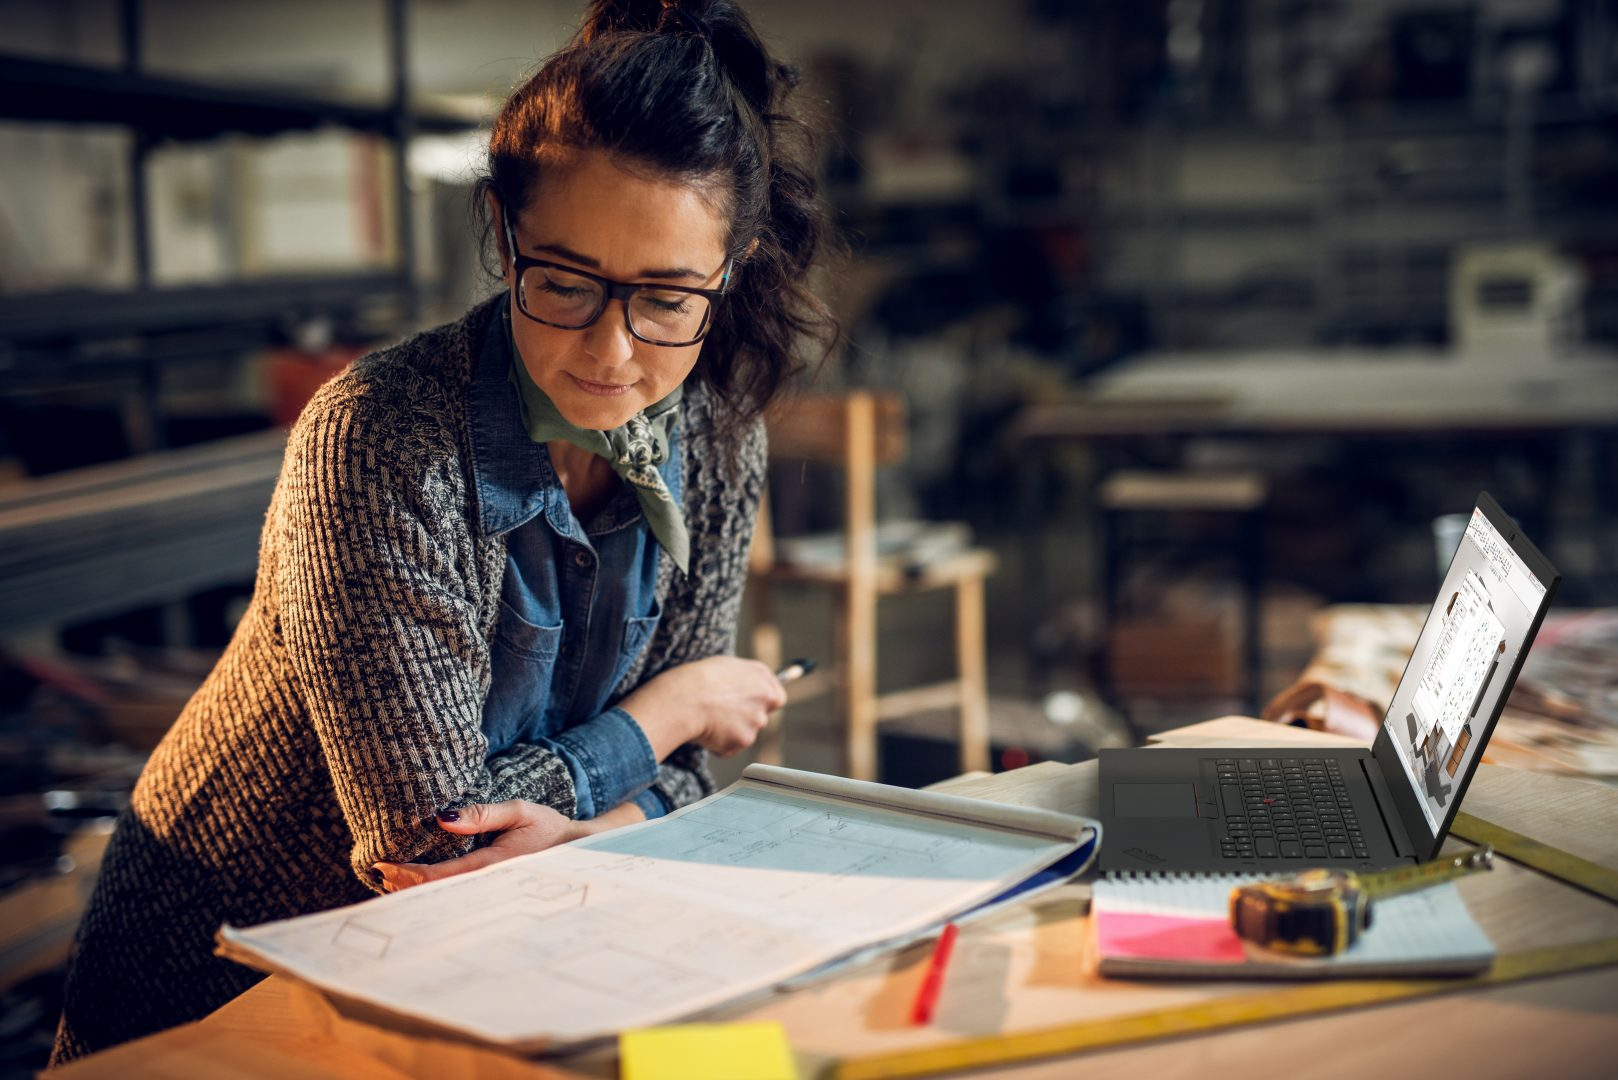 Lenovo ThinkPad P1 e ThinkPad P72, prestazioni eccezionali in un design elegante thumbnail